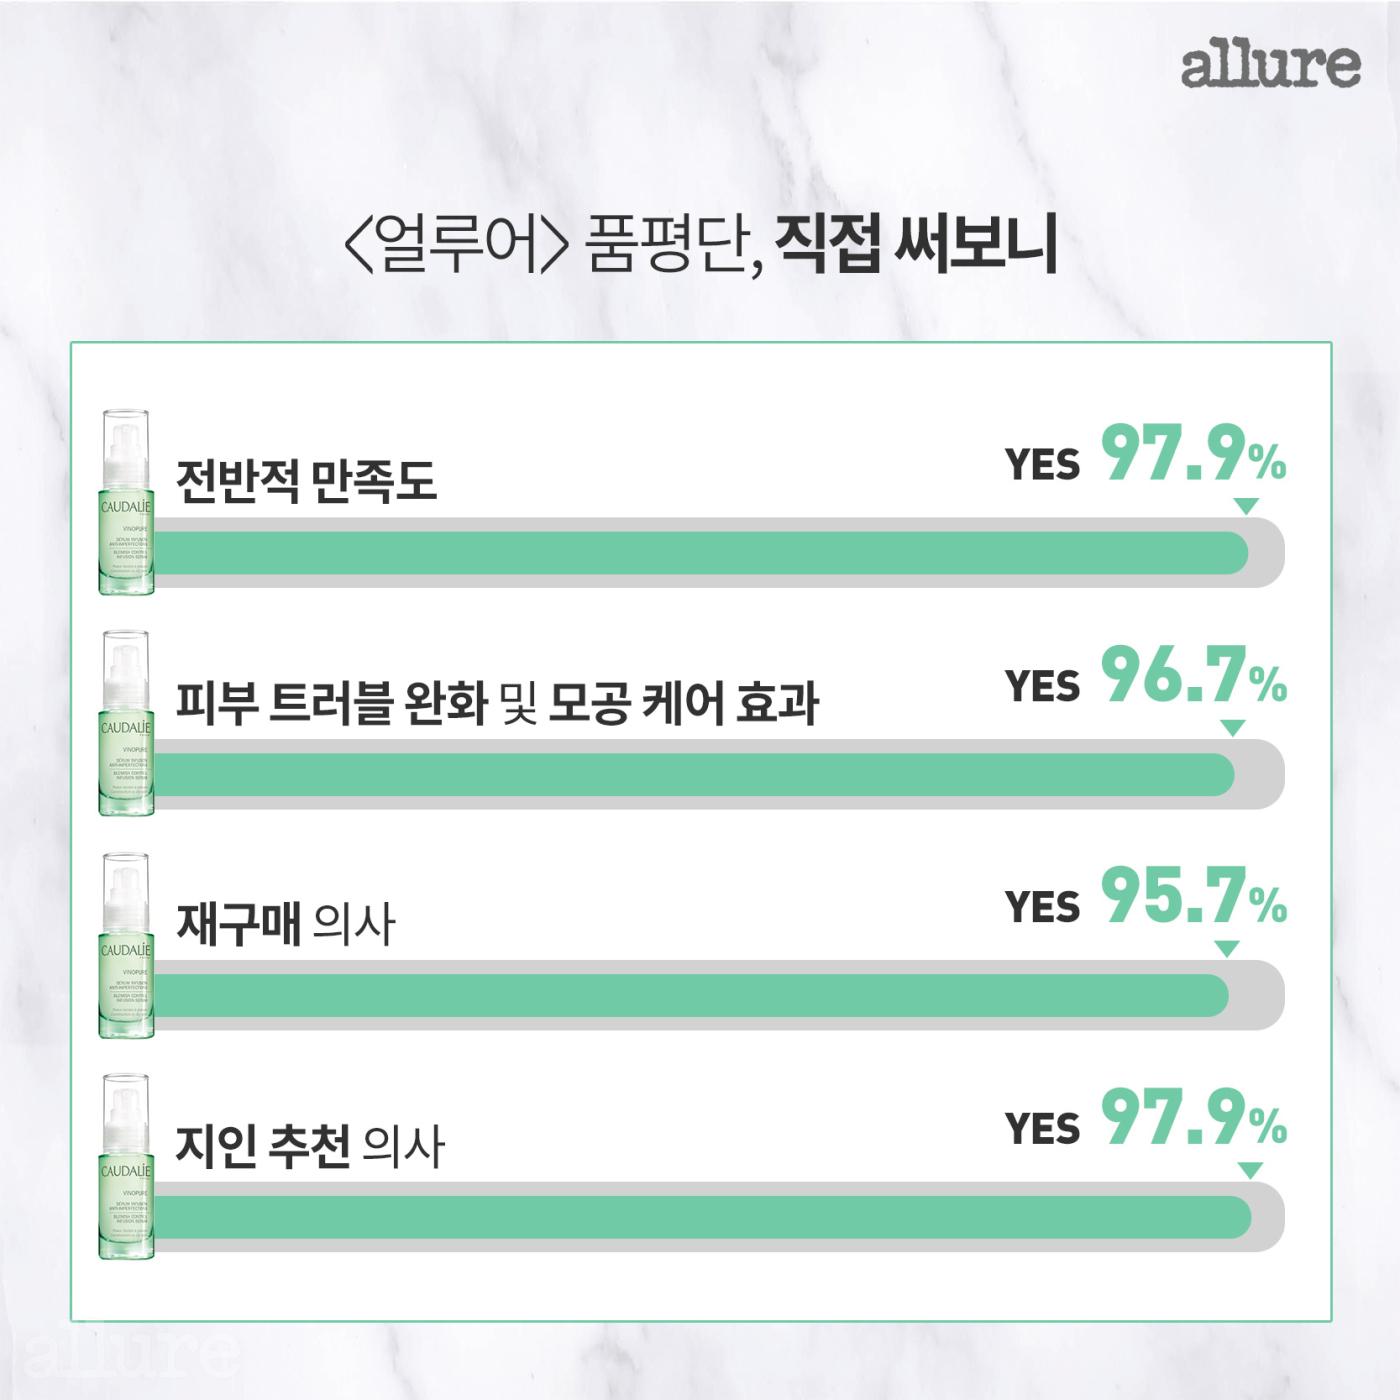 꼬달리_카드뉴스-3-수정